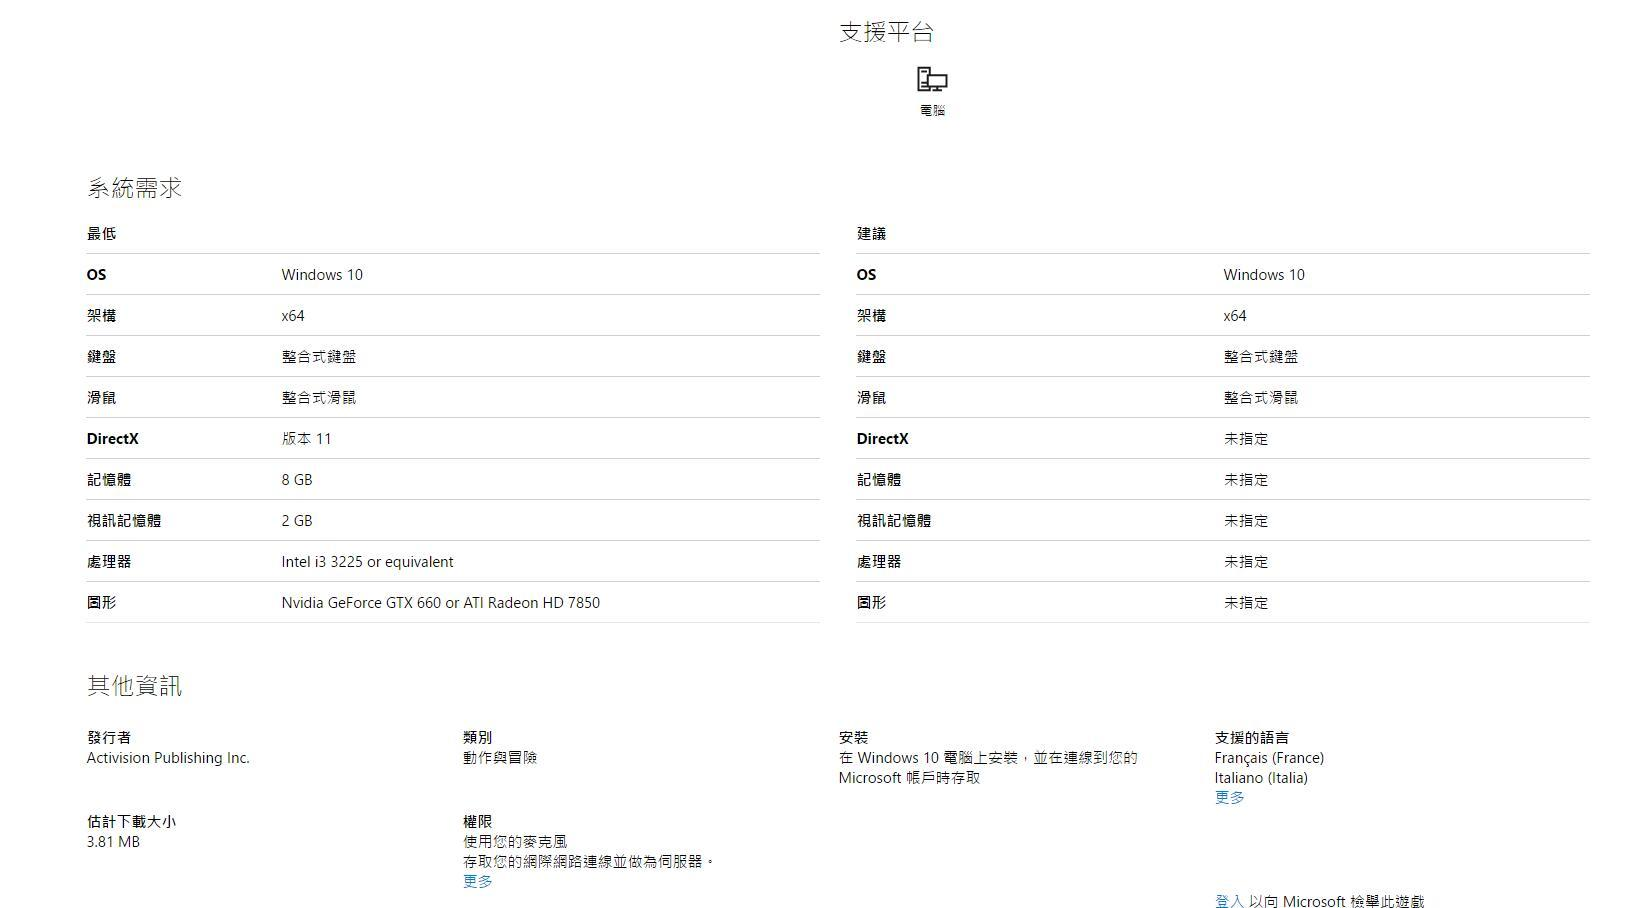 《使命召唤13》将登陆Win10商店